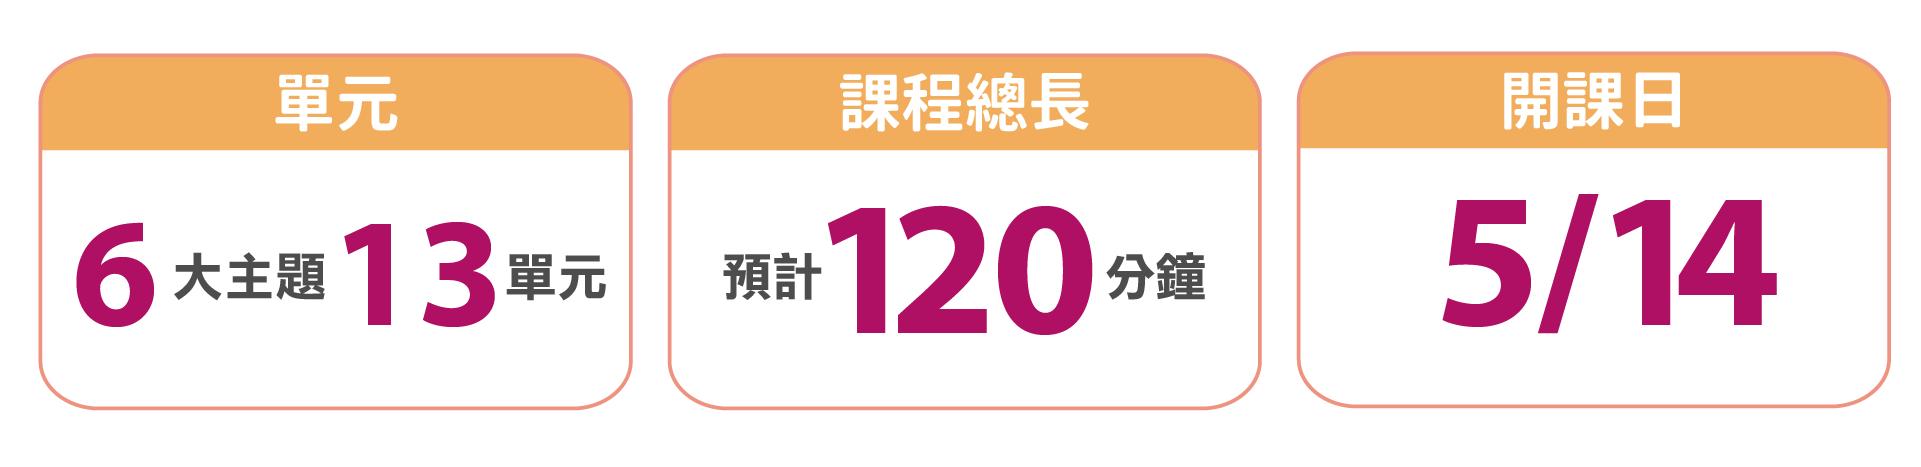 寶寶音樂手語:促進親子溝通,提升寶寶語言學習力!/看影音/線上學校/2019-04-25/親子天下